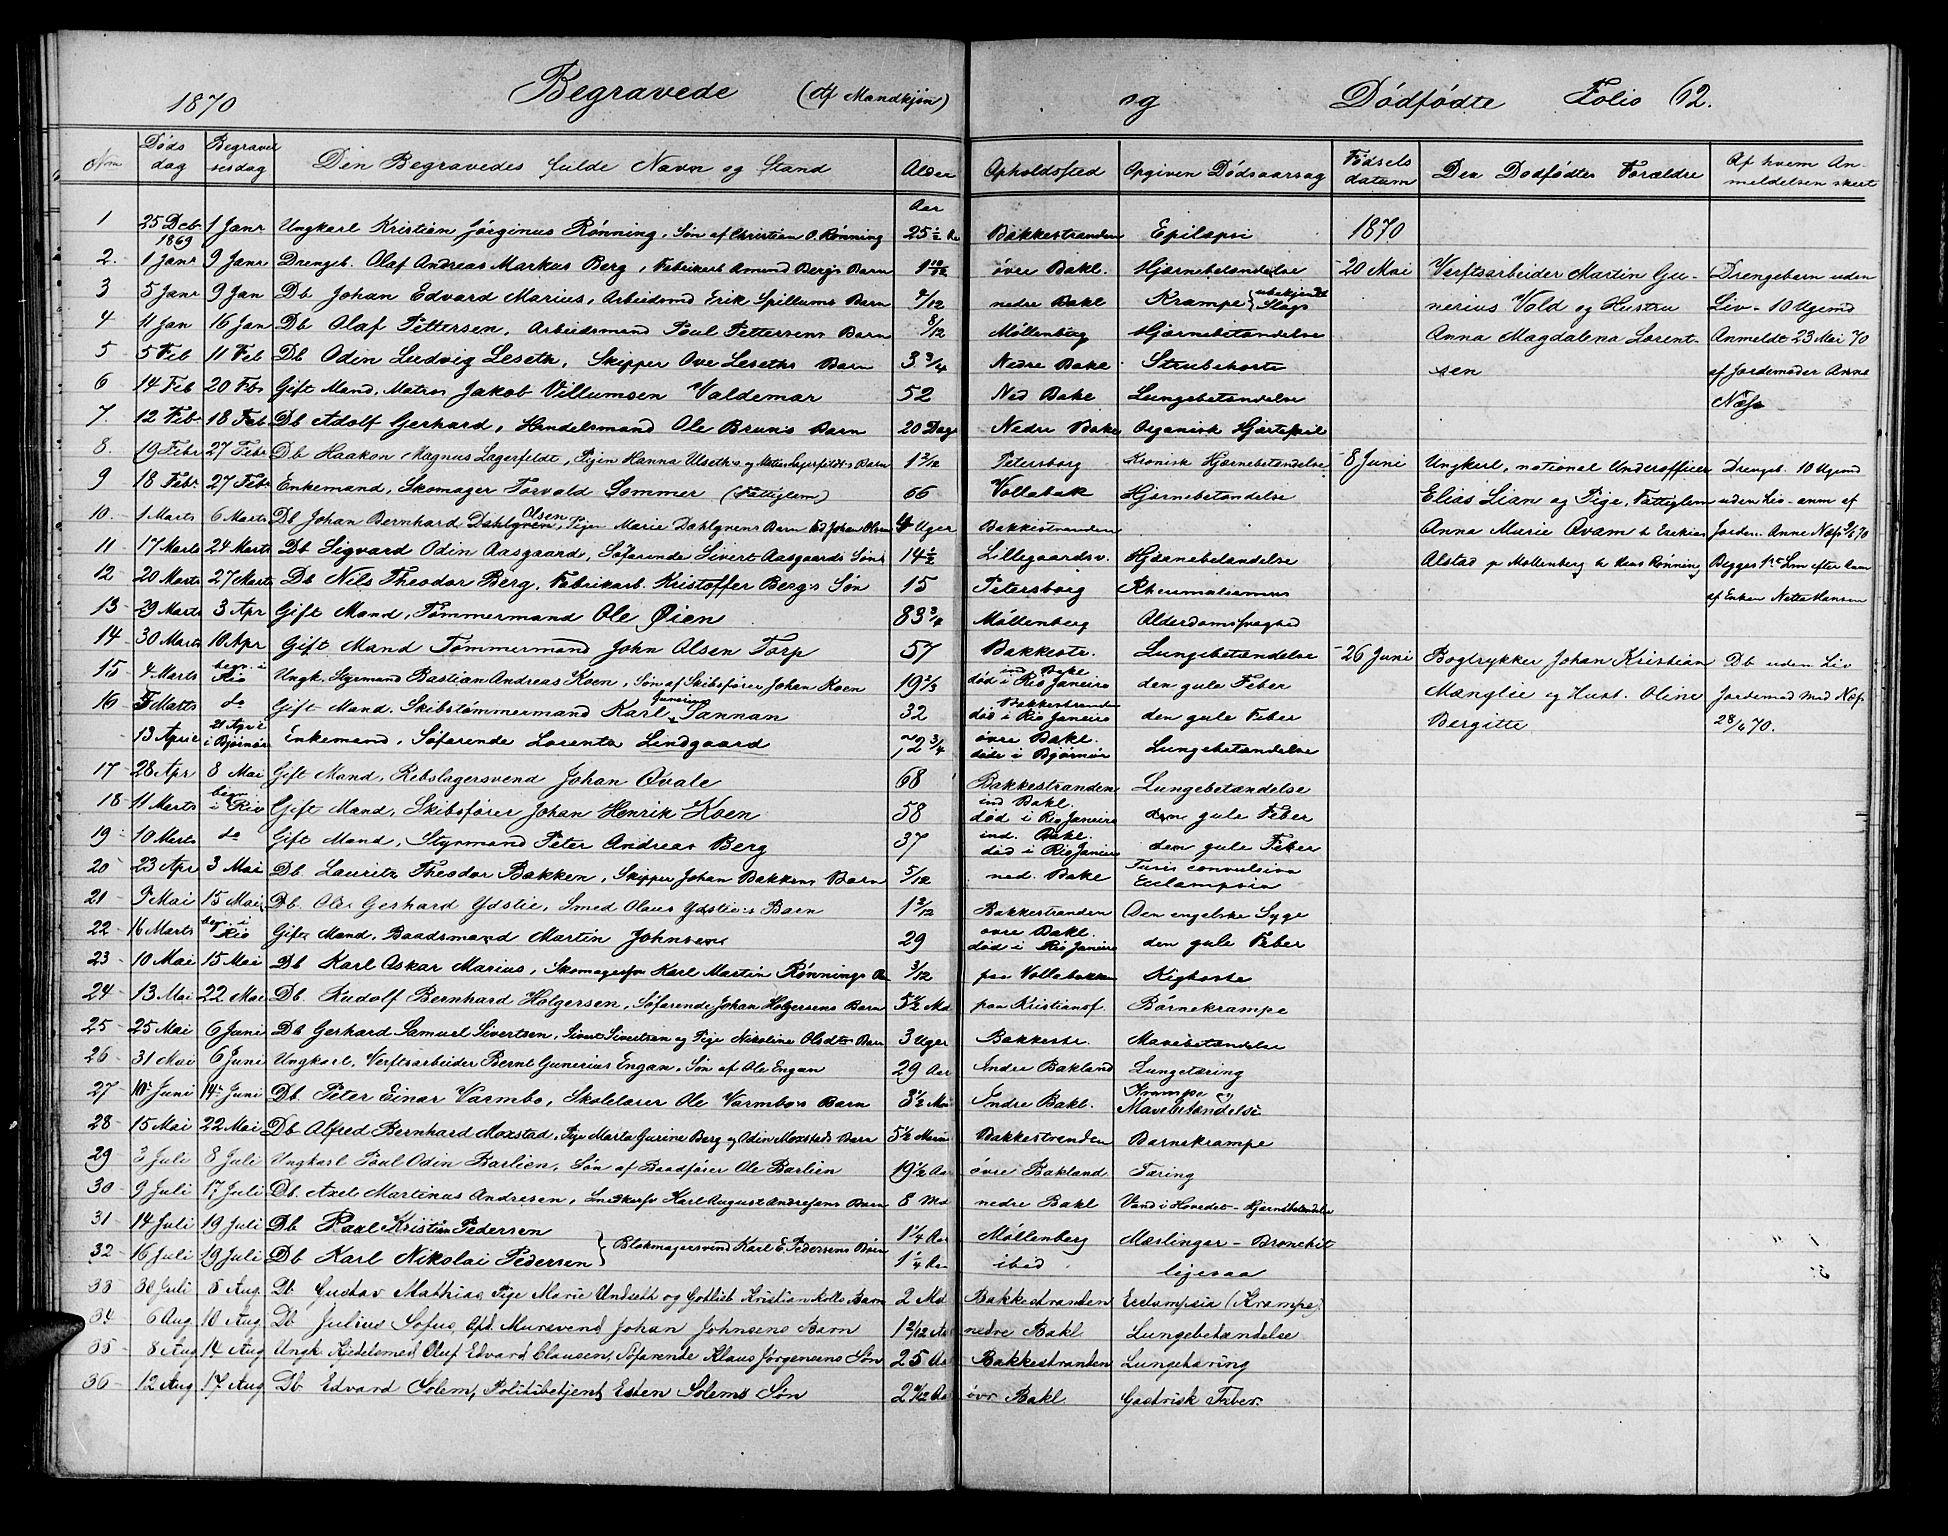 SAT, Ministerialprotokoller, klokkerbøker og fødselsregistre - Sør-Trøndelag, 604/L0221: Klokkerbok nr. 604C04, 1870-1885, s. 62